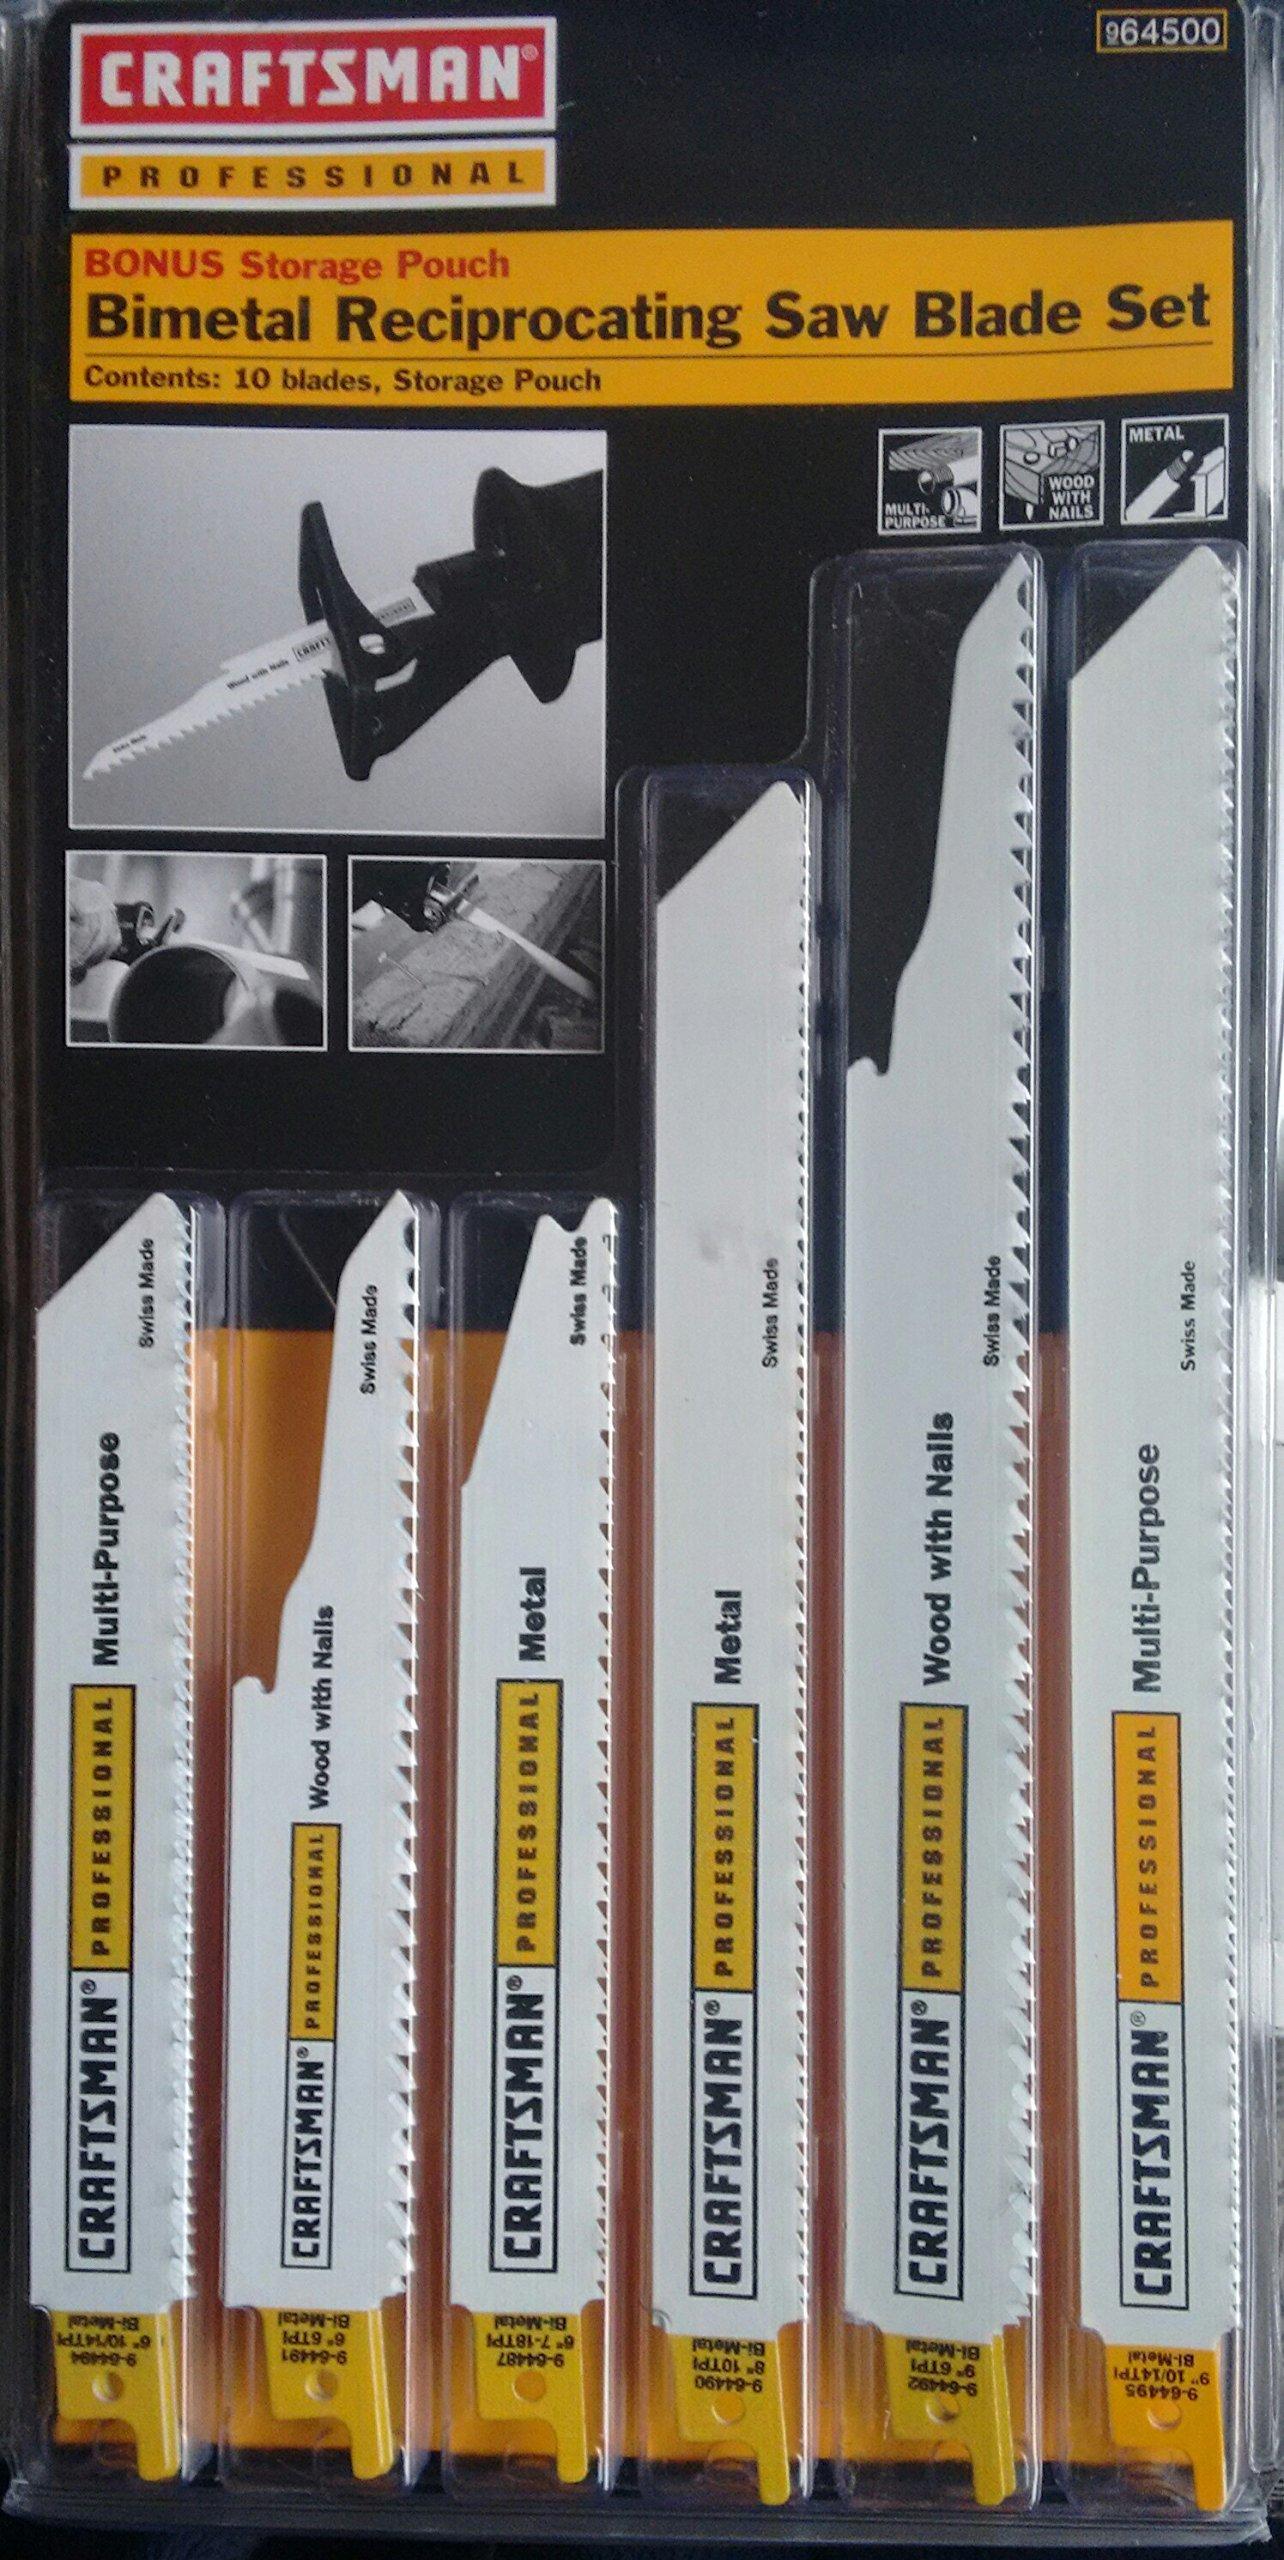 Craftsman Professional Bi-Metal Reciprocating Saw Blade Set 9-64500, Multi-Purpose - 10 pack, Made in Switzerland